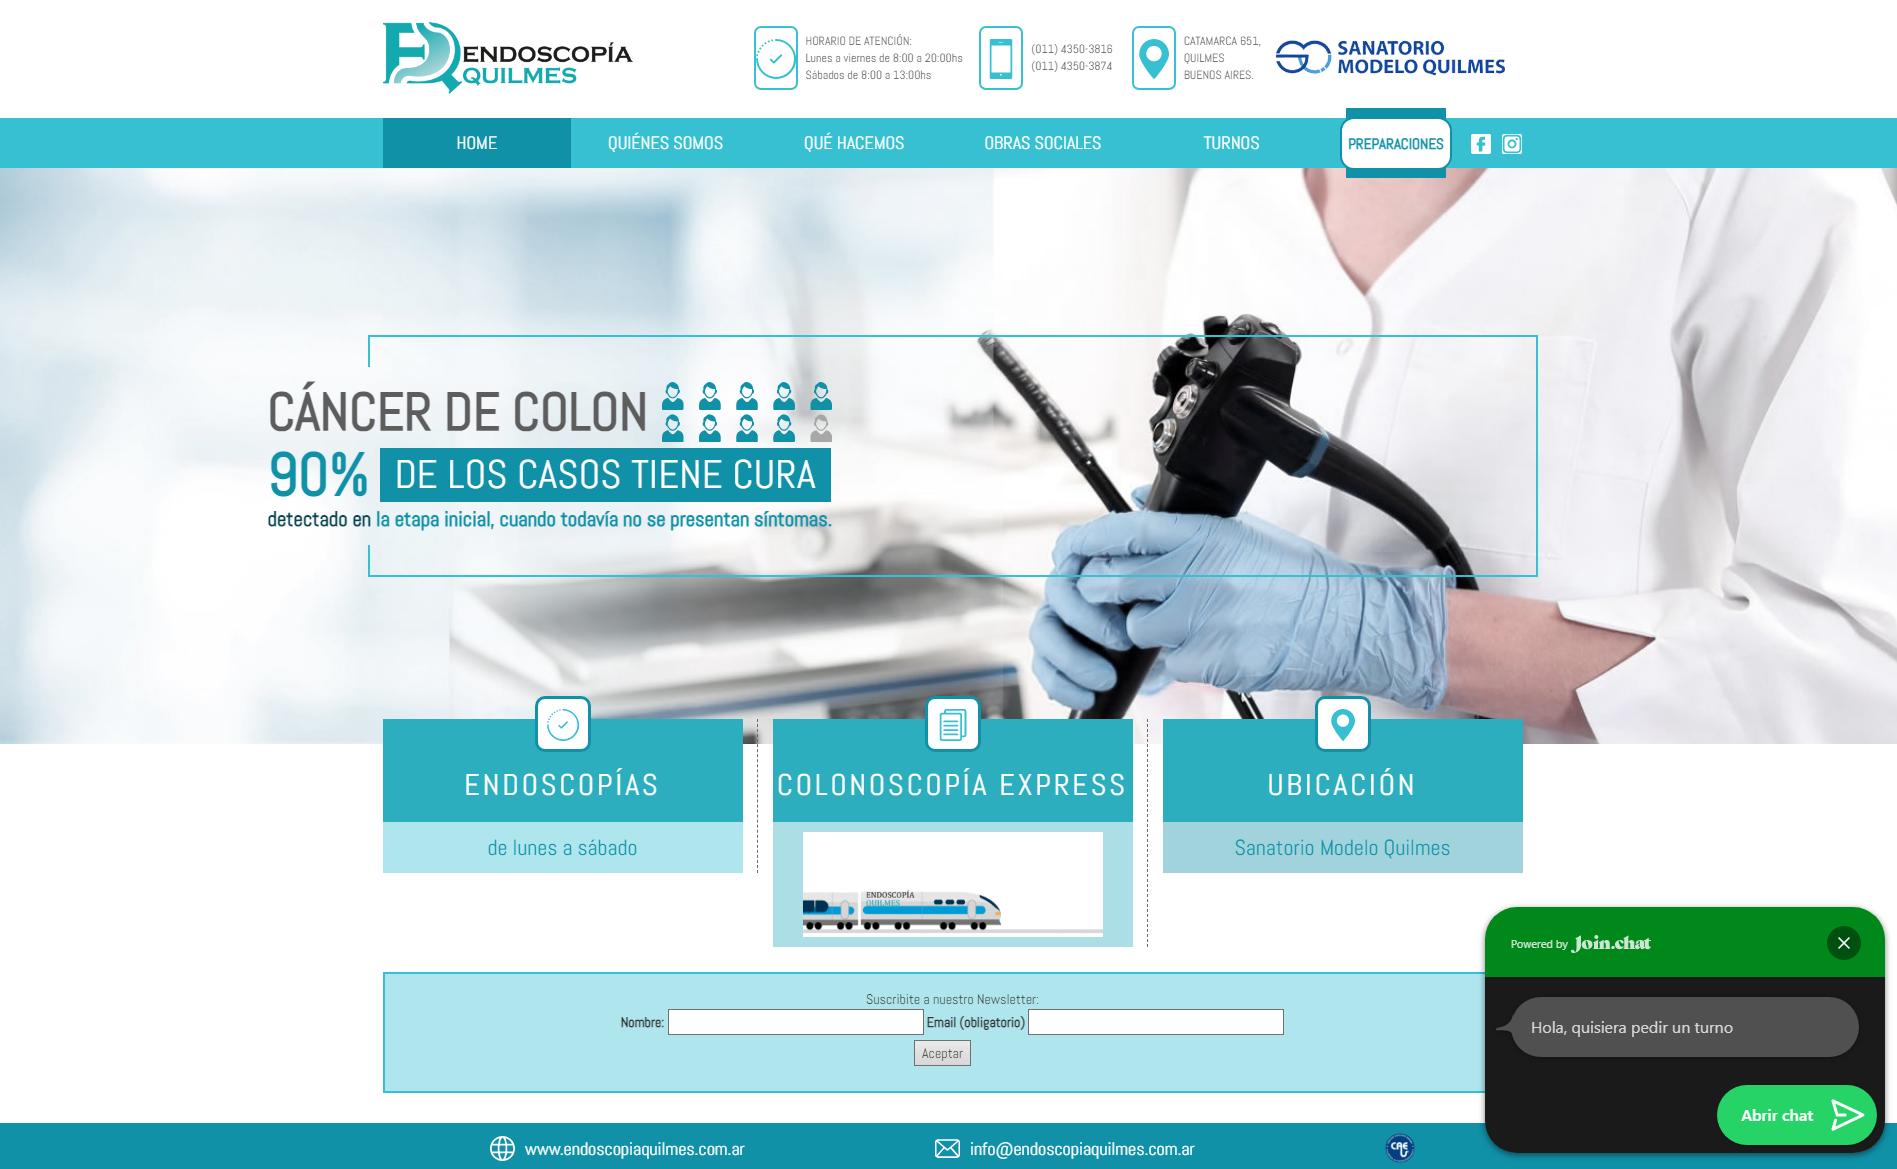 endoscopiaquilmes.com.ar